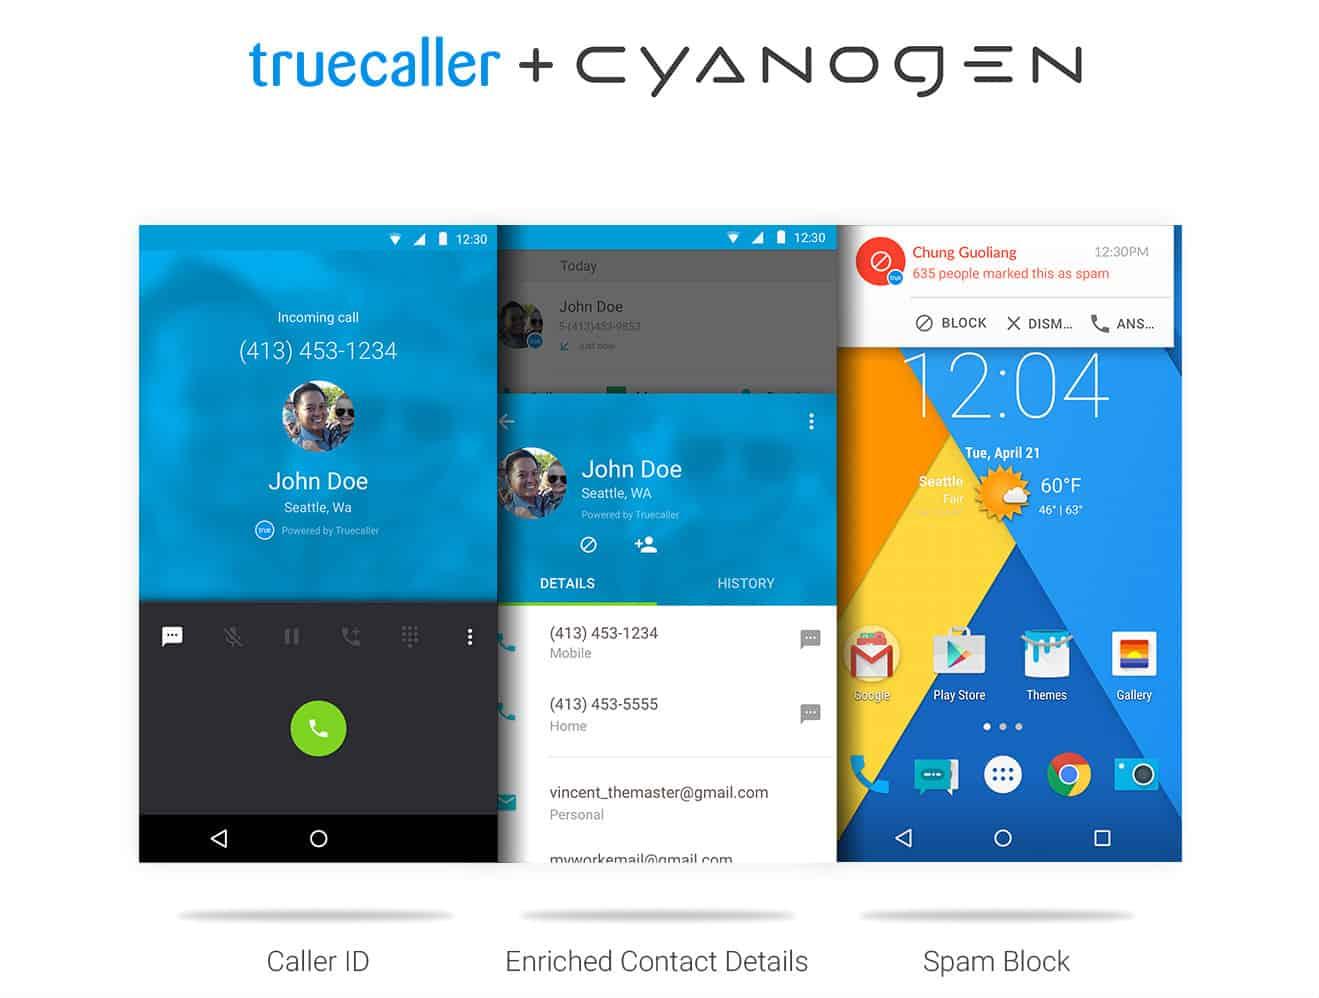 Truecaller & Cyanogen Promo Graphic